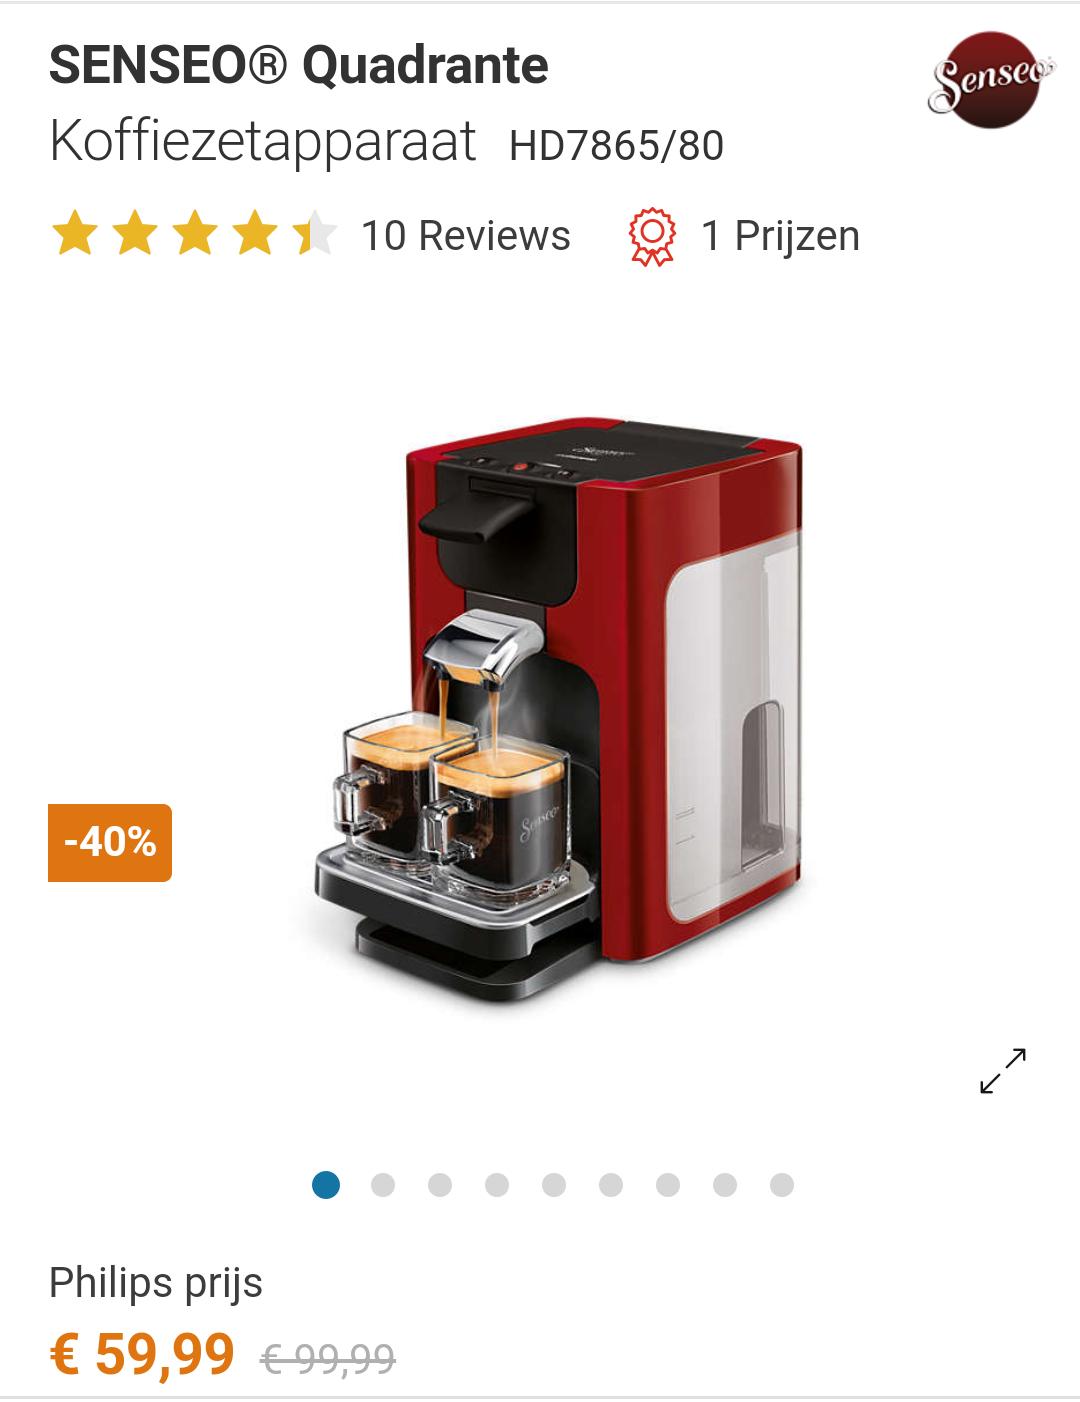 Philips Senseo Quadrante HD7865/80 koffiezetapparaat @ Eurosparen